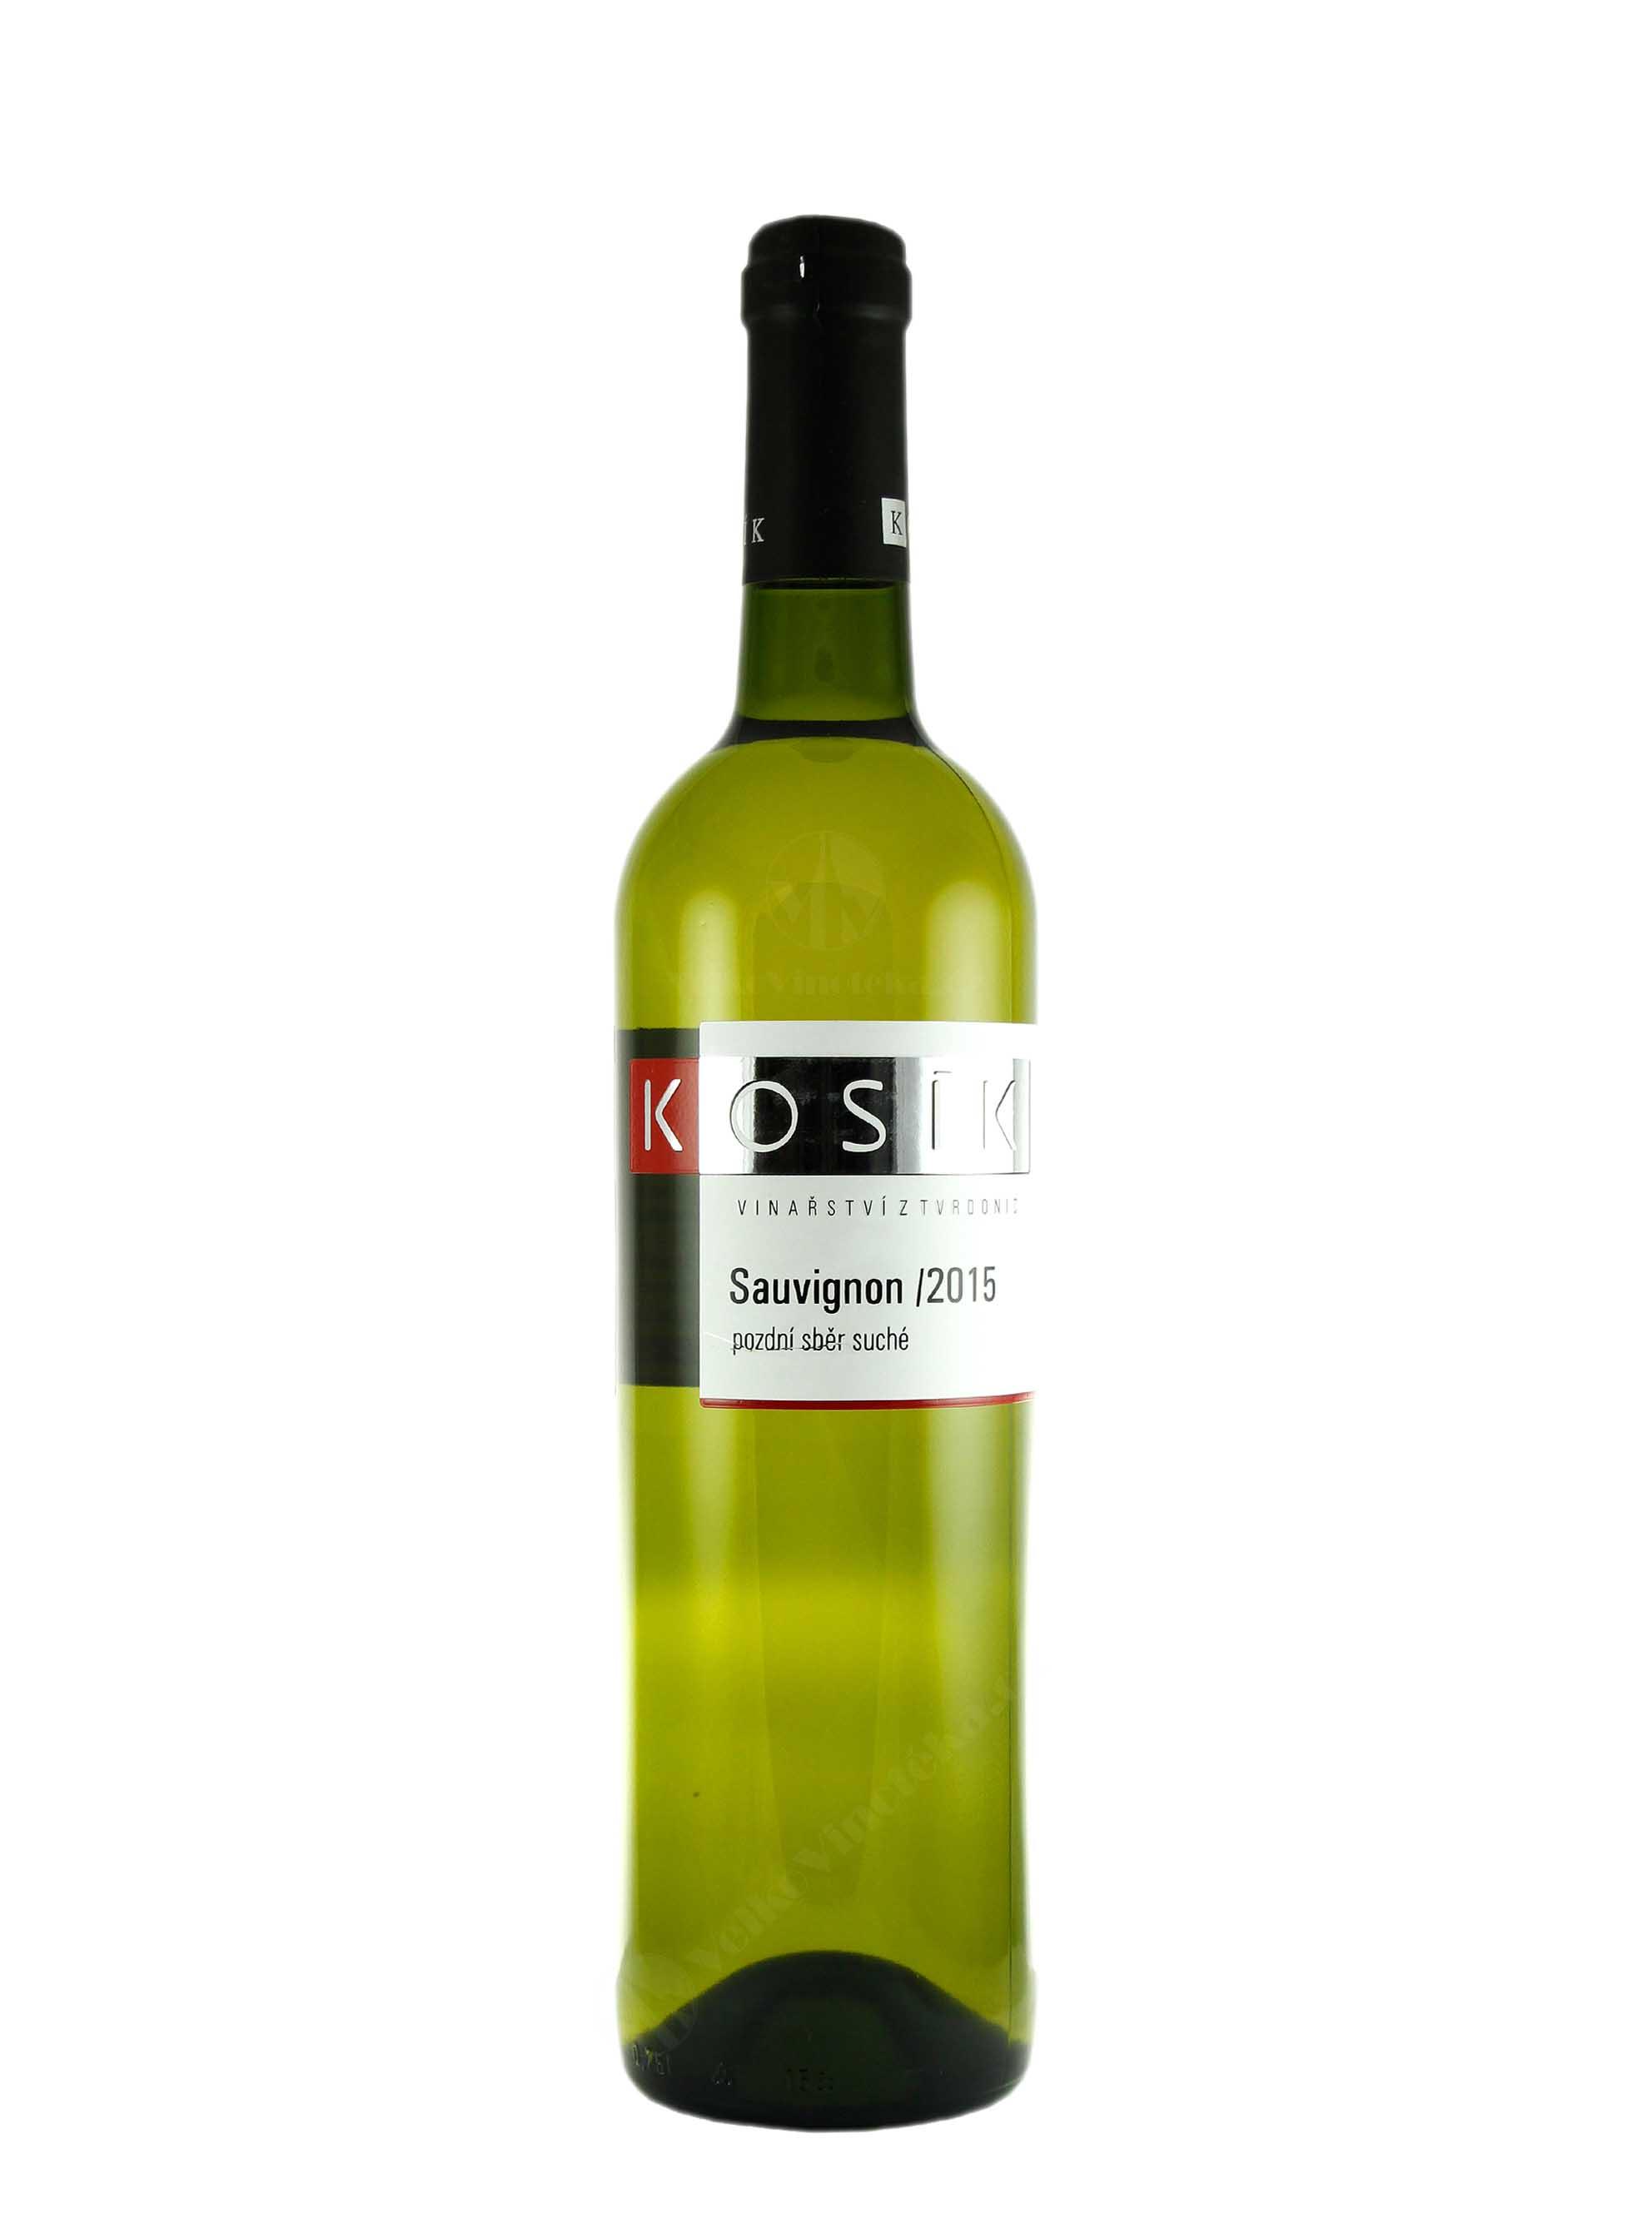 Sauvignon, Pozdní sběr, 2015, Vinařství Kosík, 0.75 l